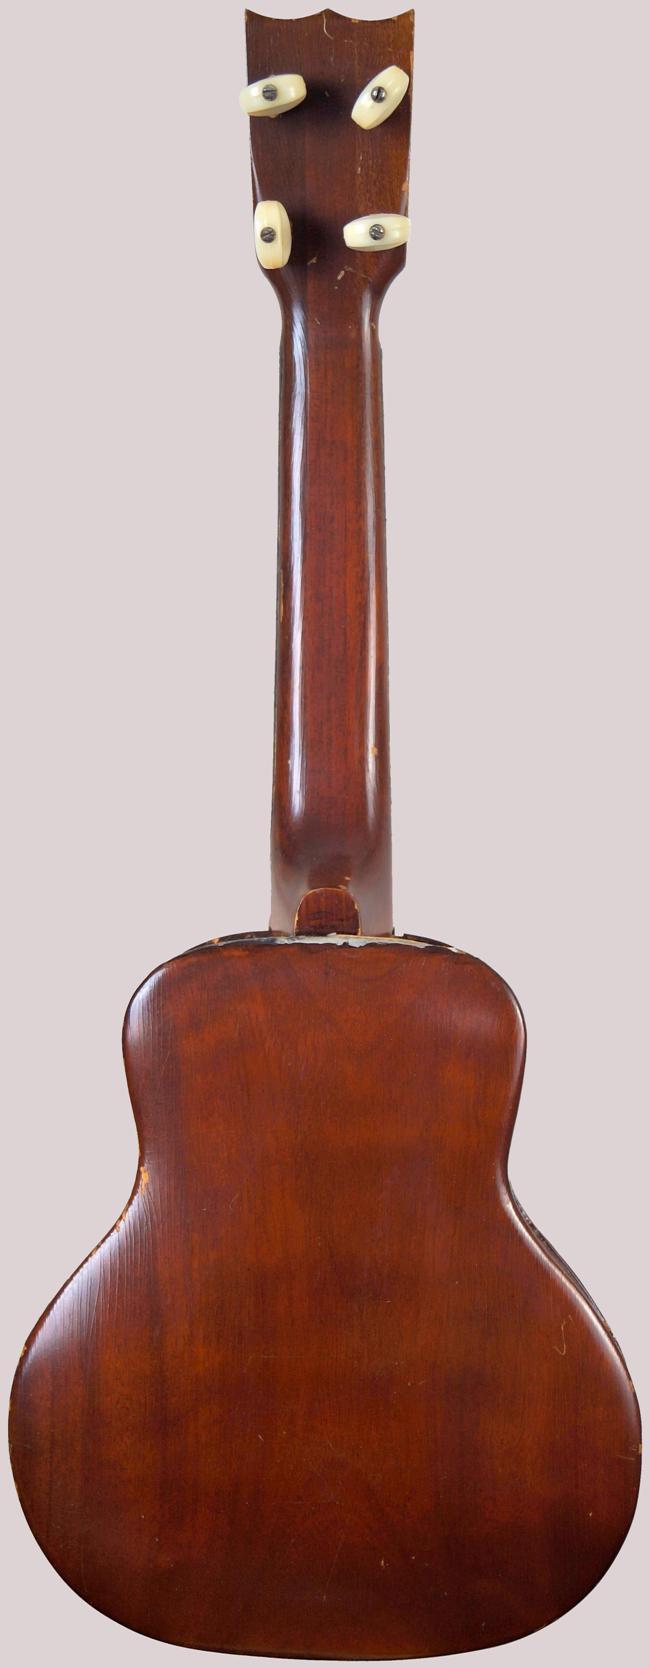 Jack Maskell perth western australia ukulele